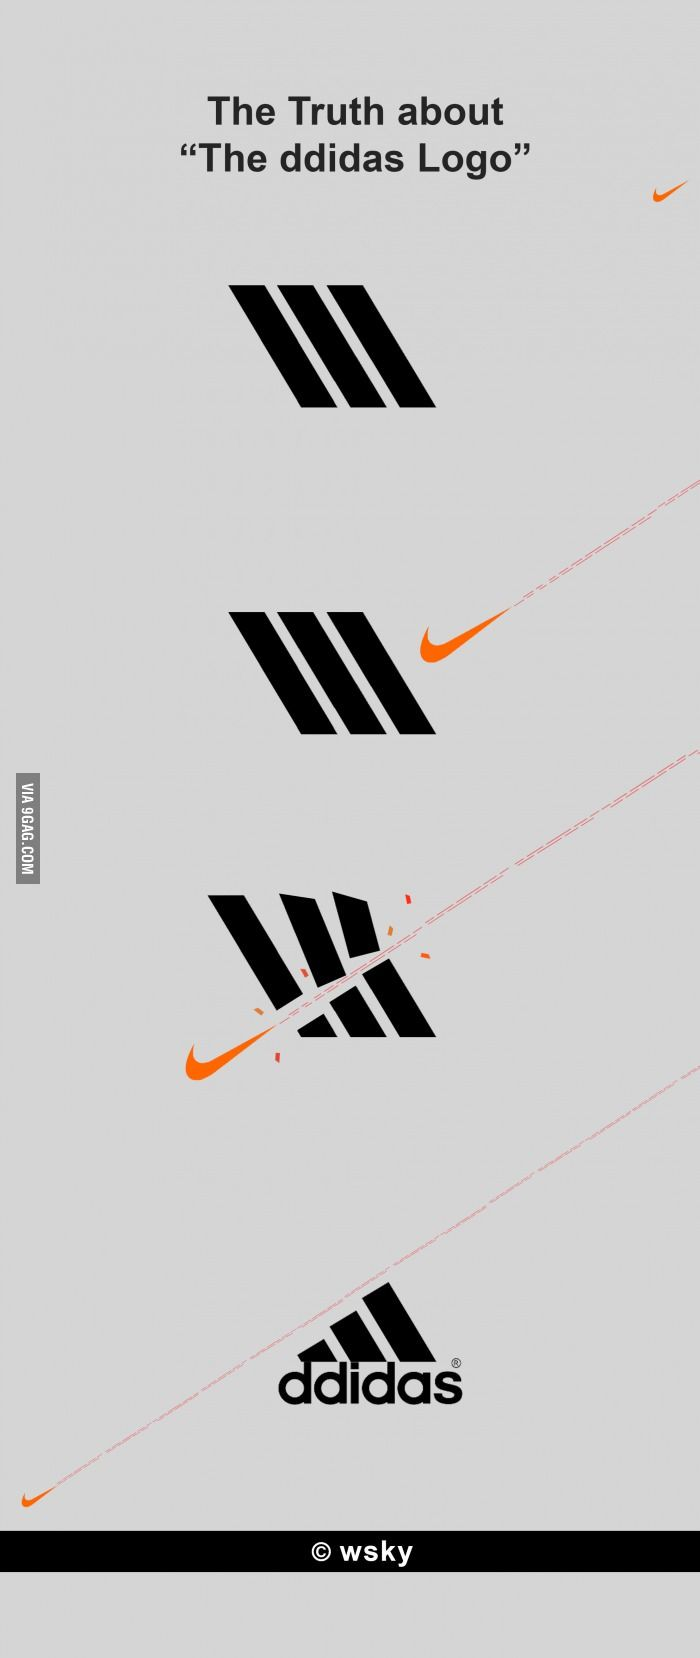 immagini dettagliate miglior sito web stati Uniti Adidas vs Nike in 2019 | Nike wallpaper, Adidas, Nike